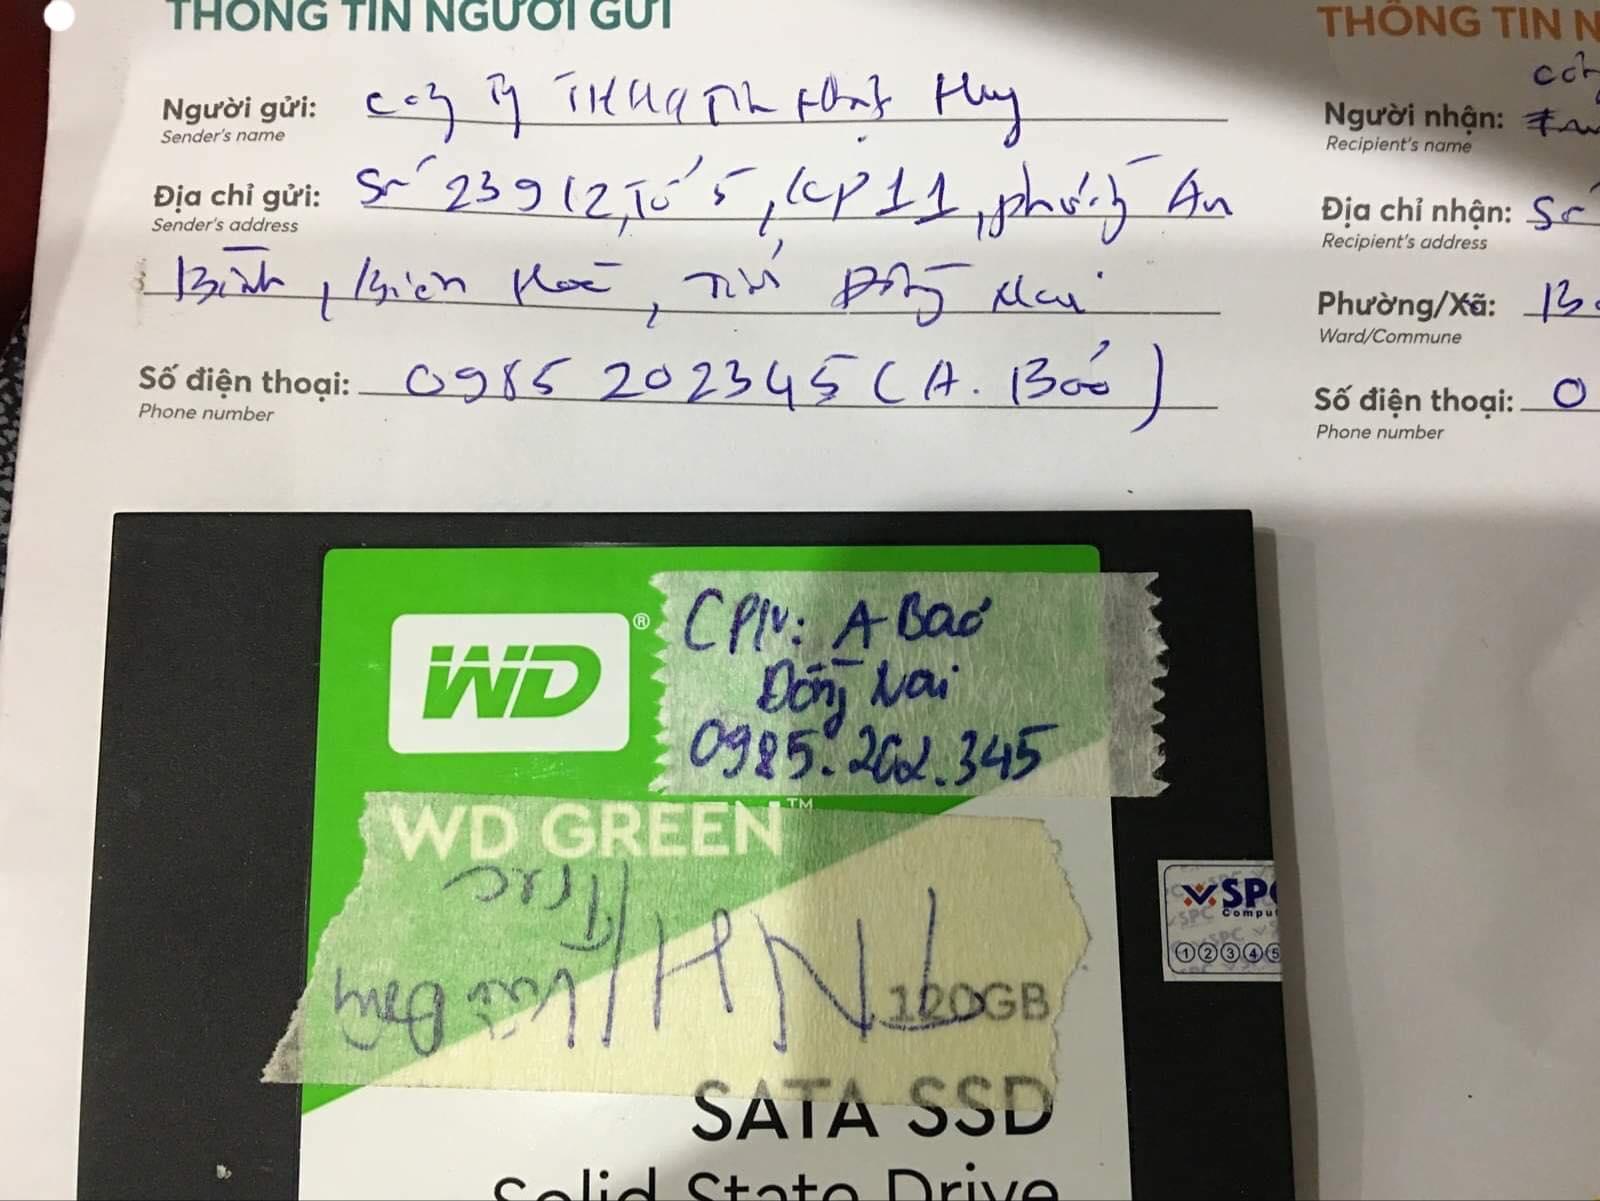 Phục hồi dữ liệu ổ cứng SSD Western 120GB không nhận tại Đồng Nai 25/02/2020 - cuumaytinh